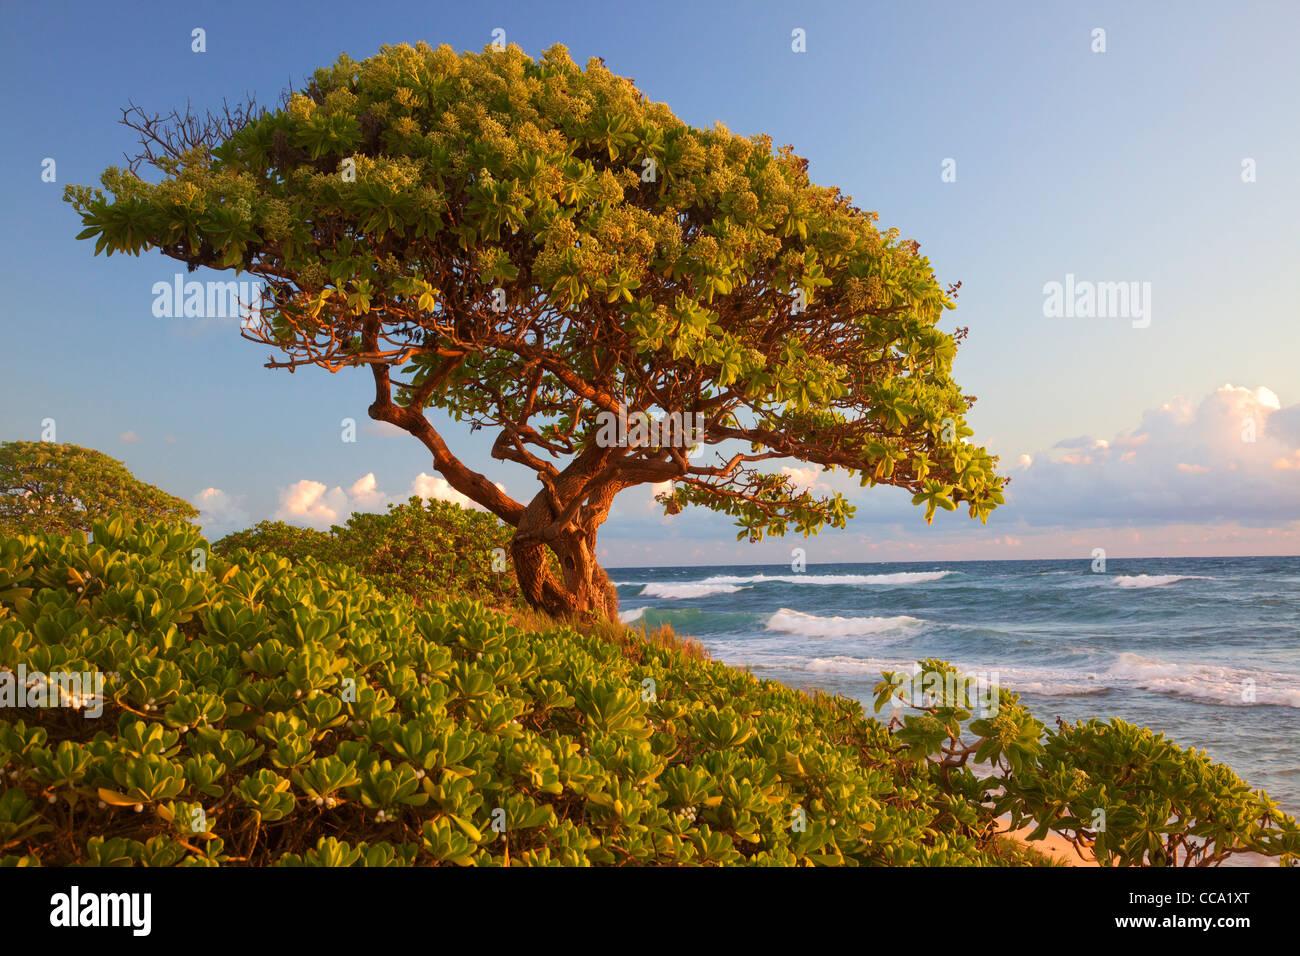 J'Nukoli Beach, également connu sous le nom de cuisines Beach, Kauai, Hawaï. Photo Stock